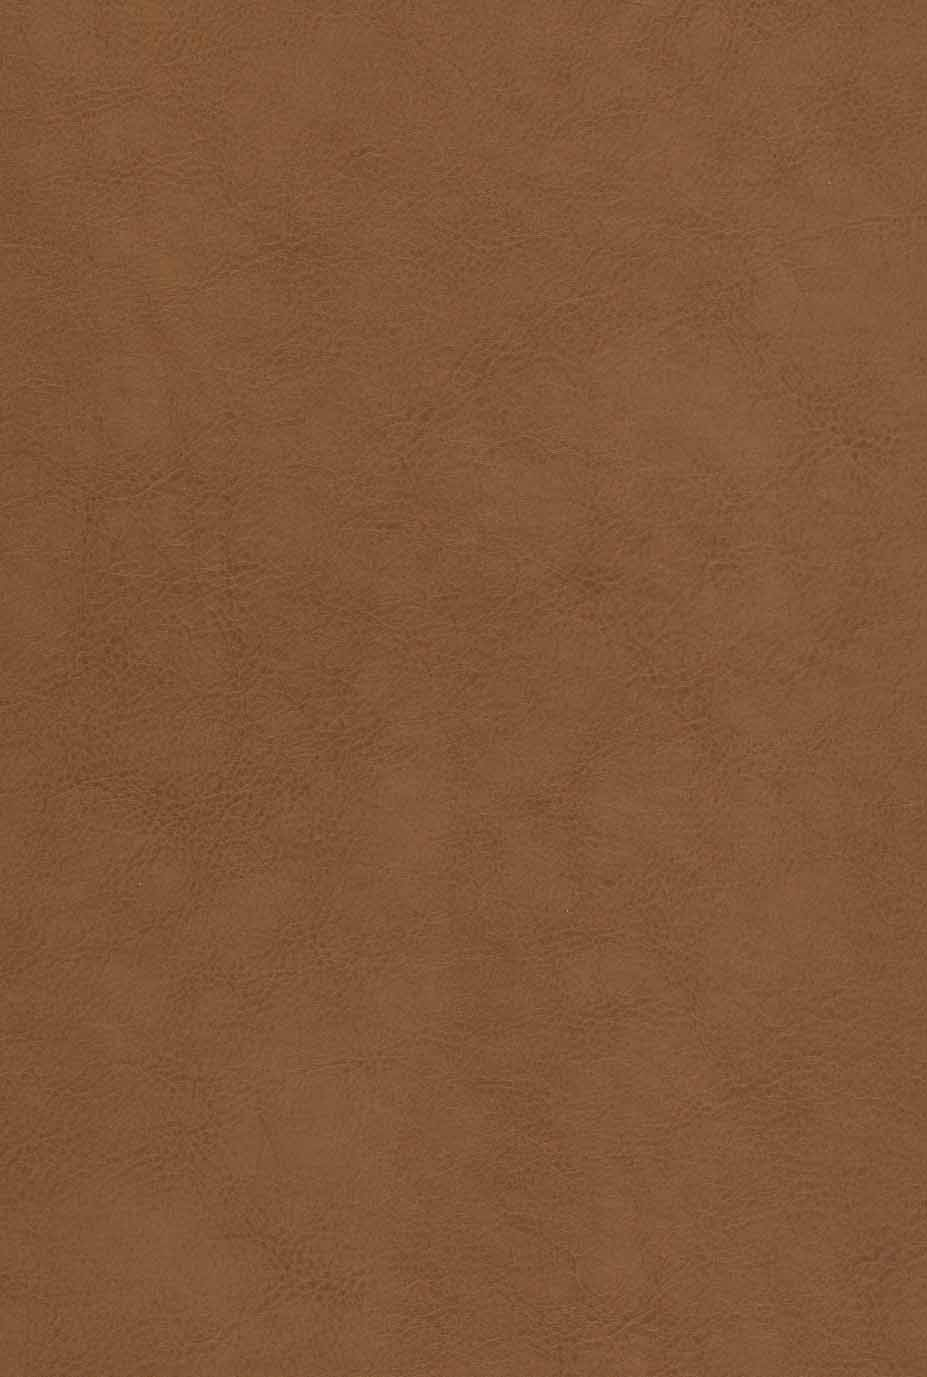 شاهنامه فردوسی (2جلدی،باقاب،چرم،لیزری)